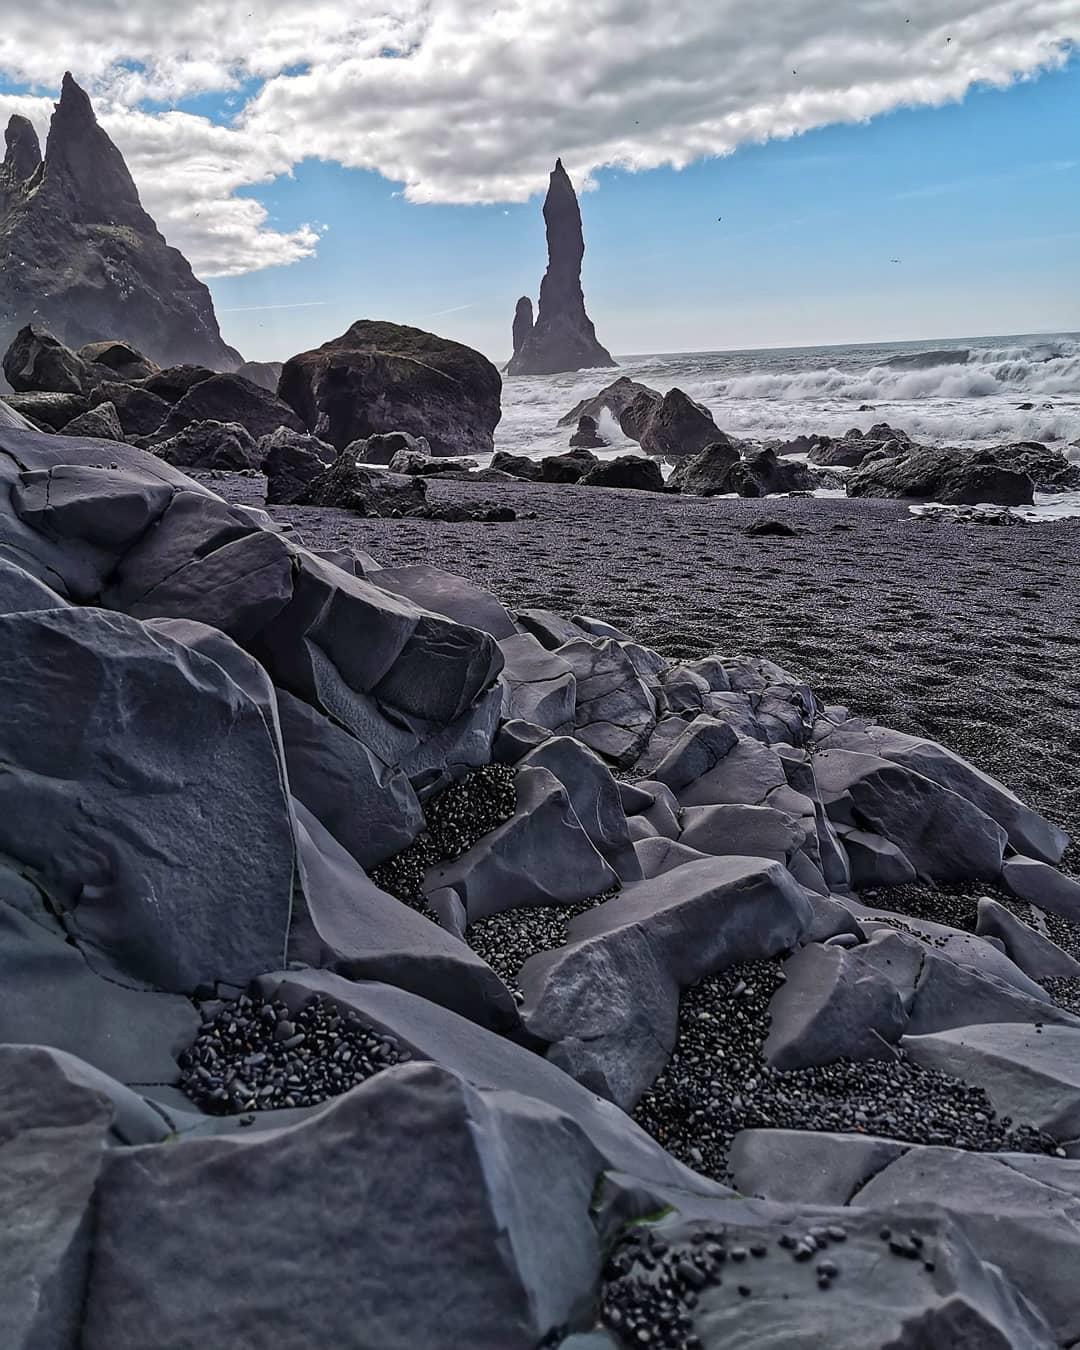 Khám phá bãi biển cát đen bí ẩn nổi tiếng thế giới - 2